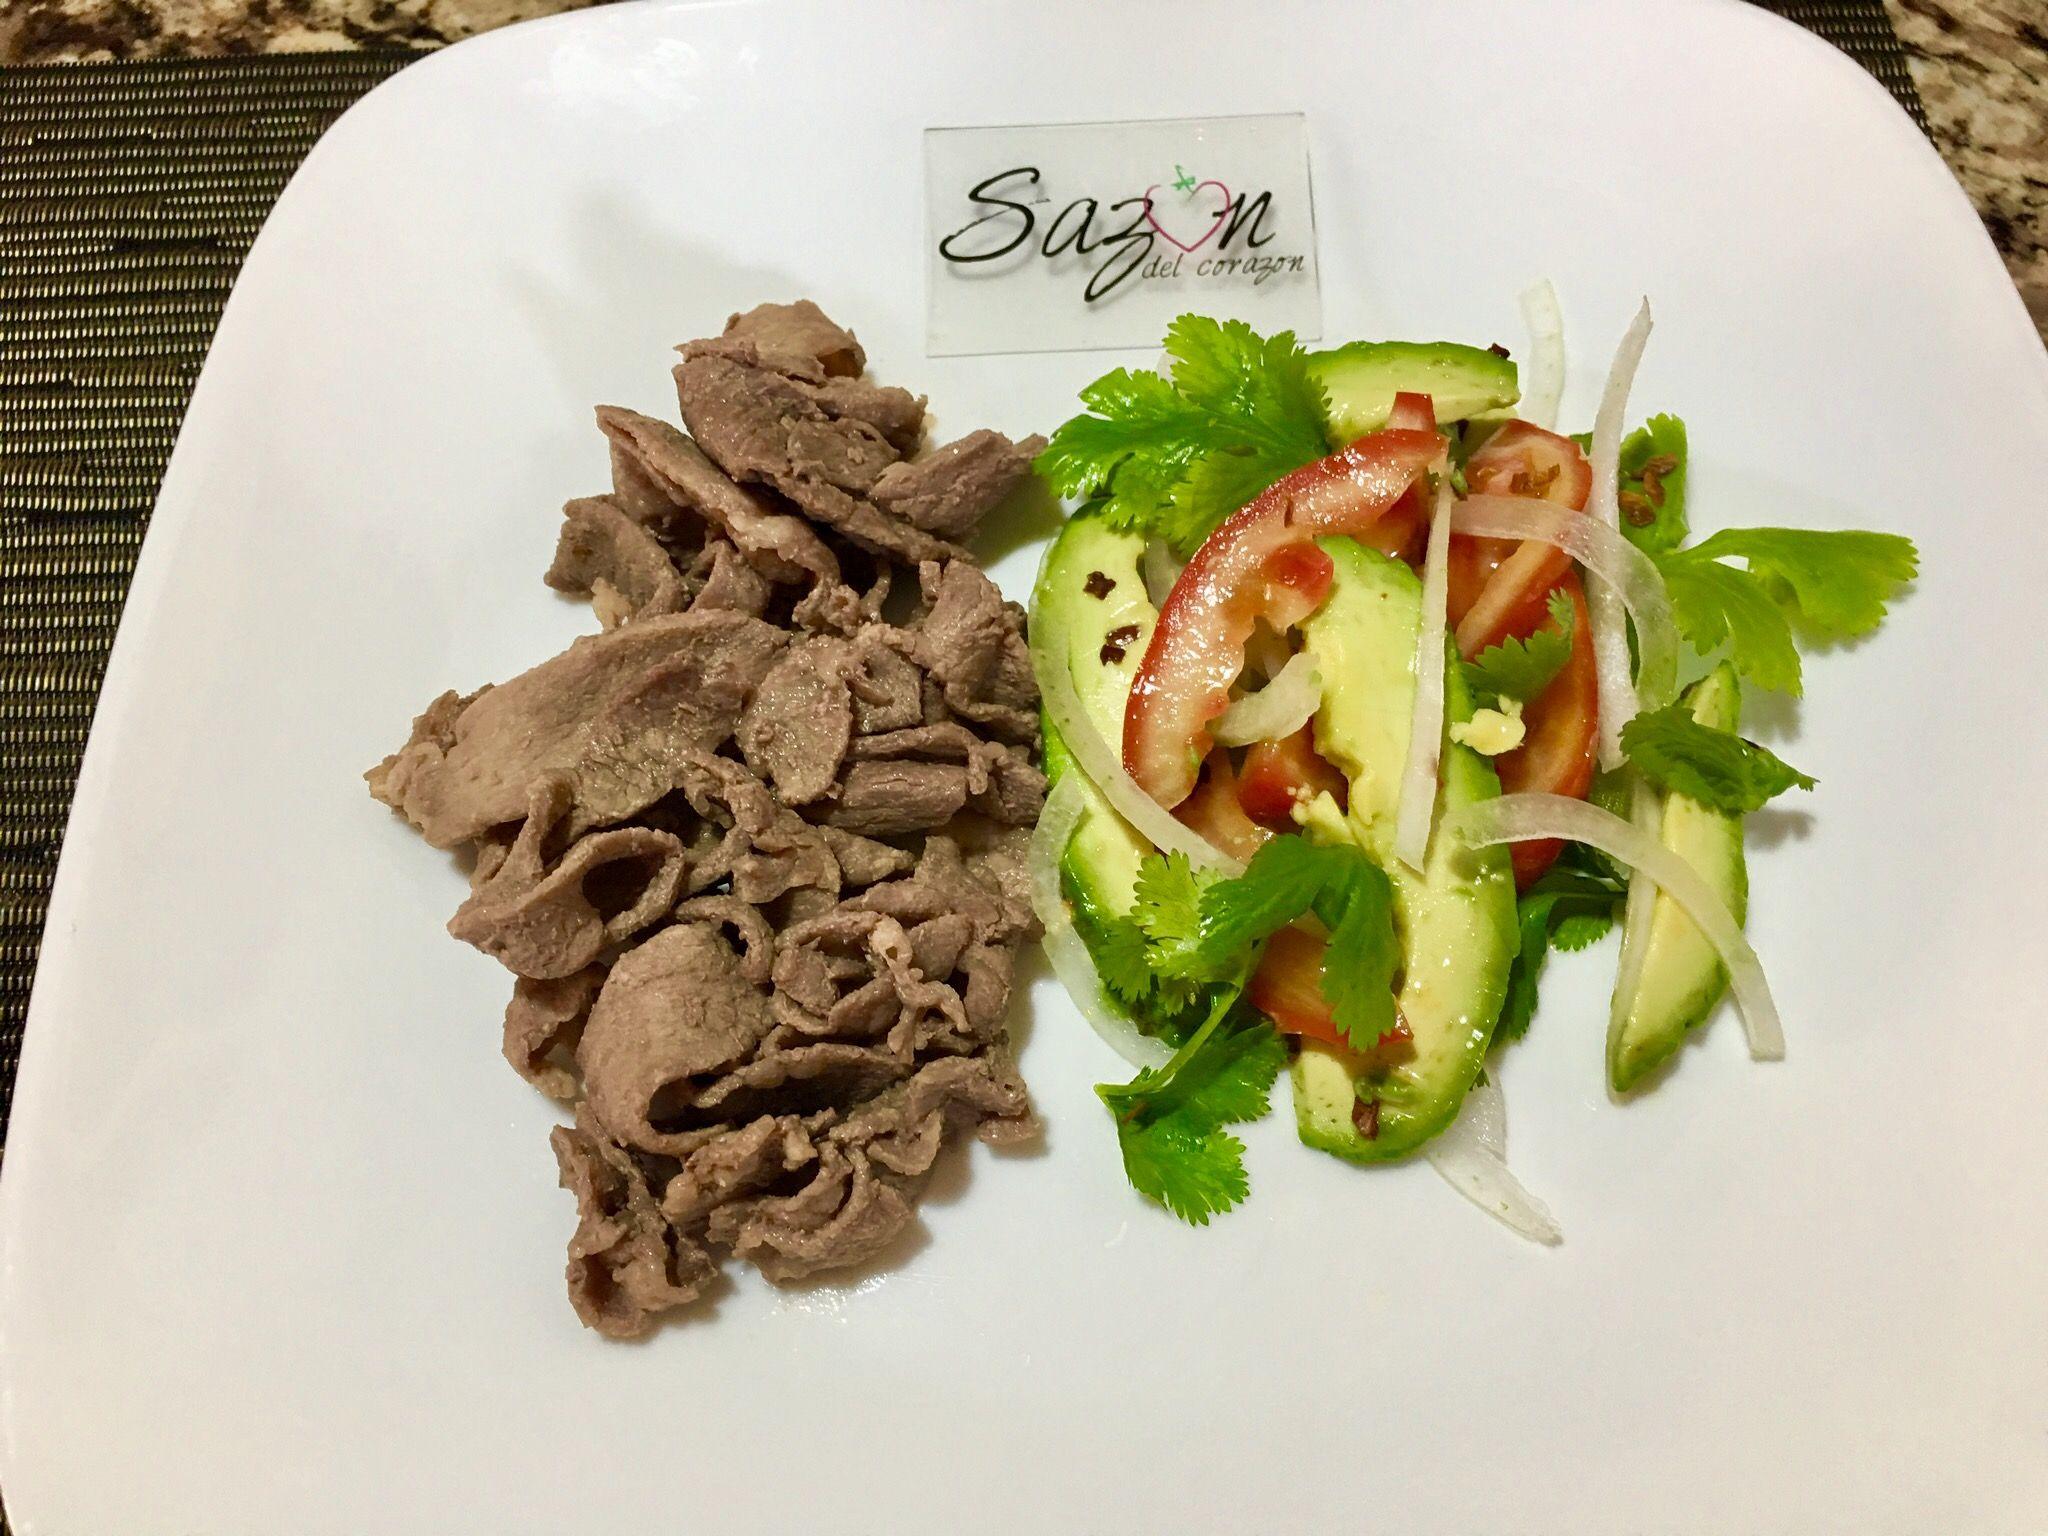 Carne asada con ensalada de aguacate y jitomate